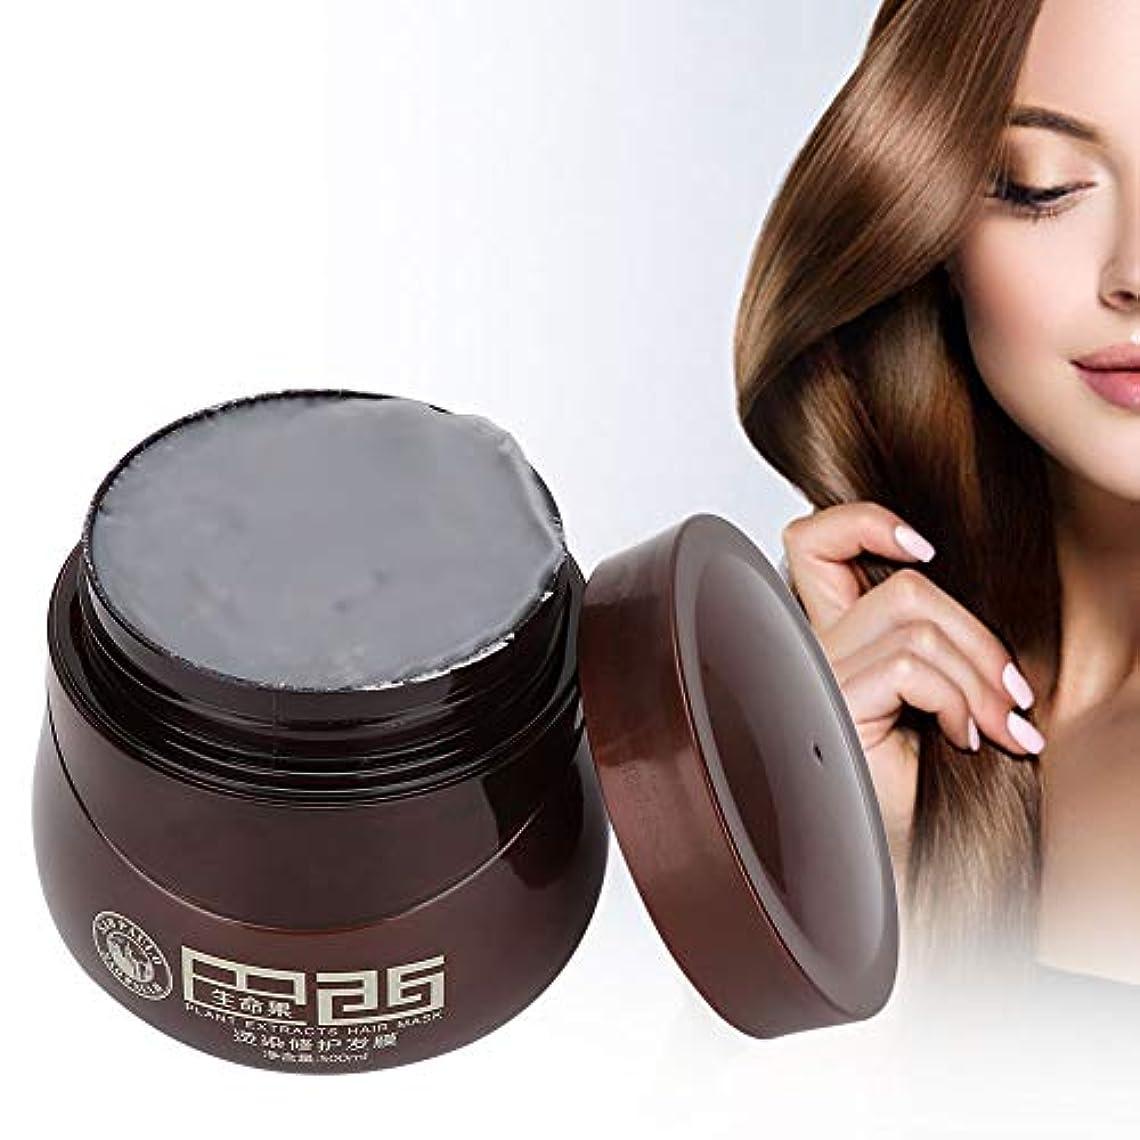 見物人だらしない程度ヘアマスク、染毛剤ダメージヘアナリッシングリペアマスクトリートメントコンディショナープロのヘアサロンや家庭での使用に最適500ml